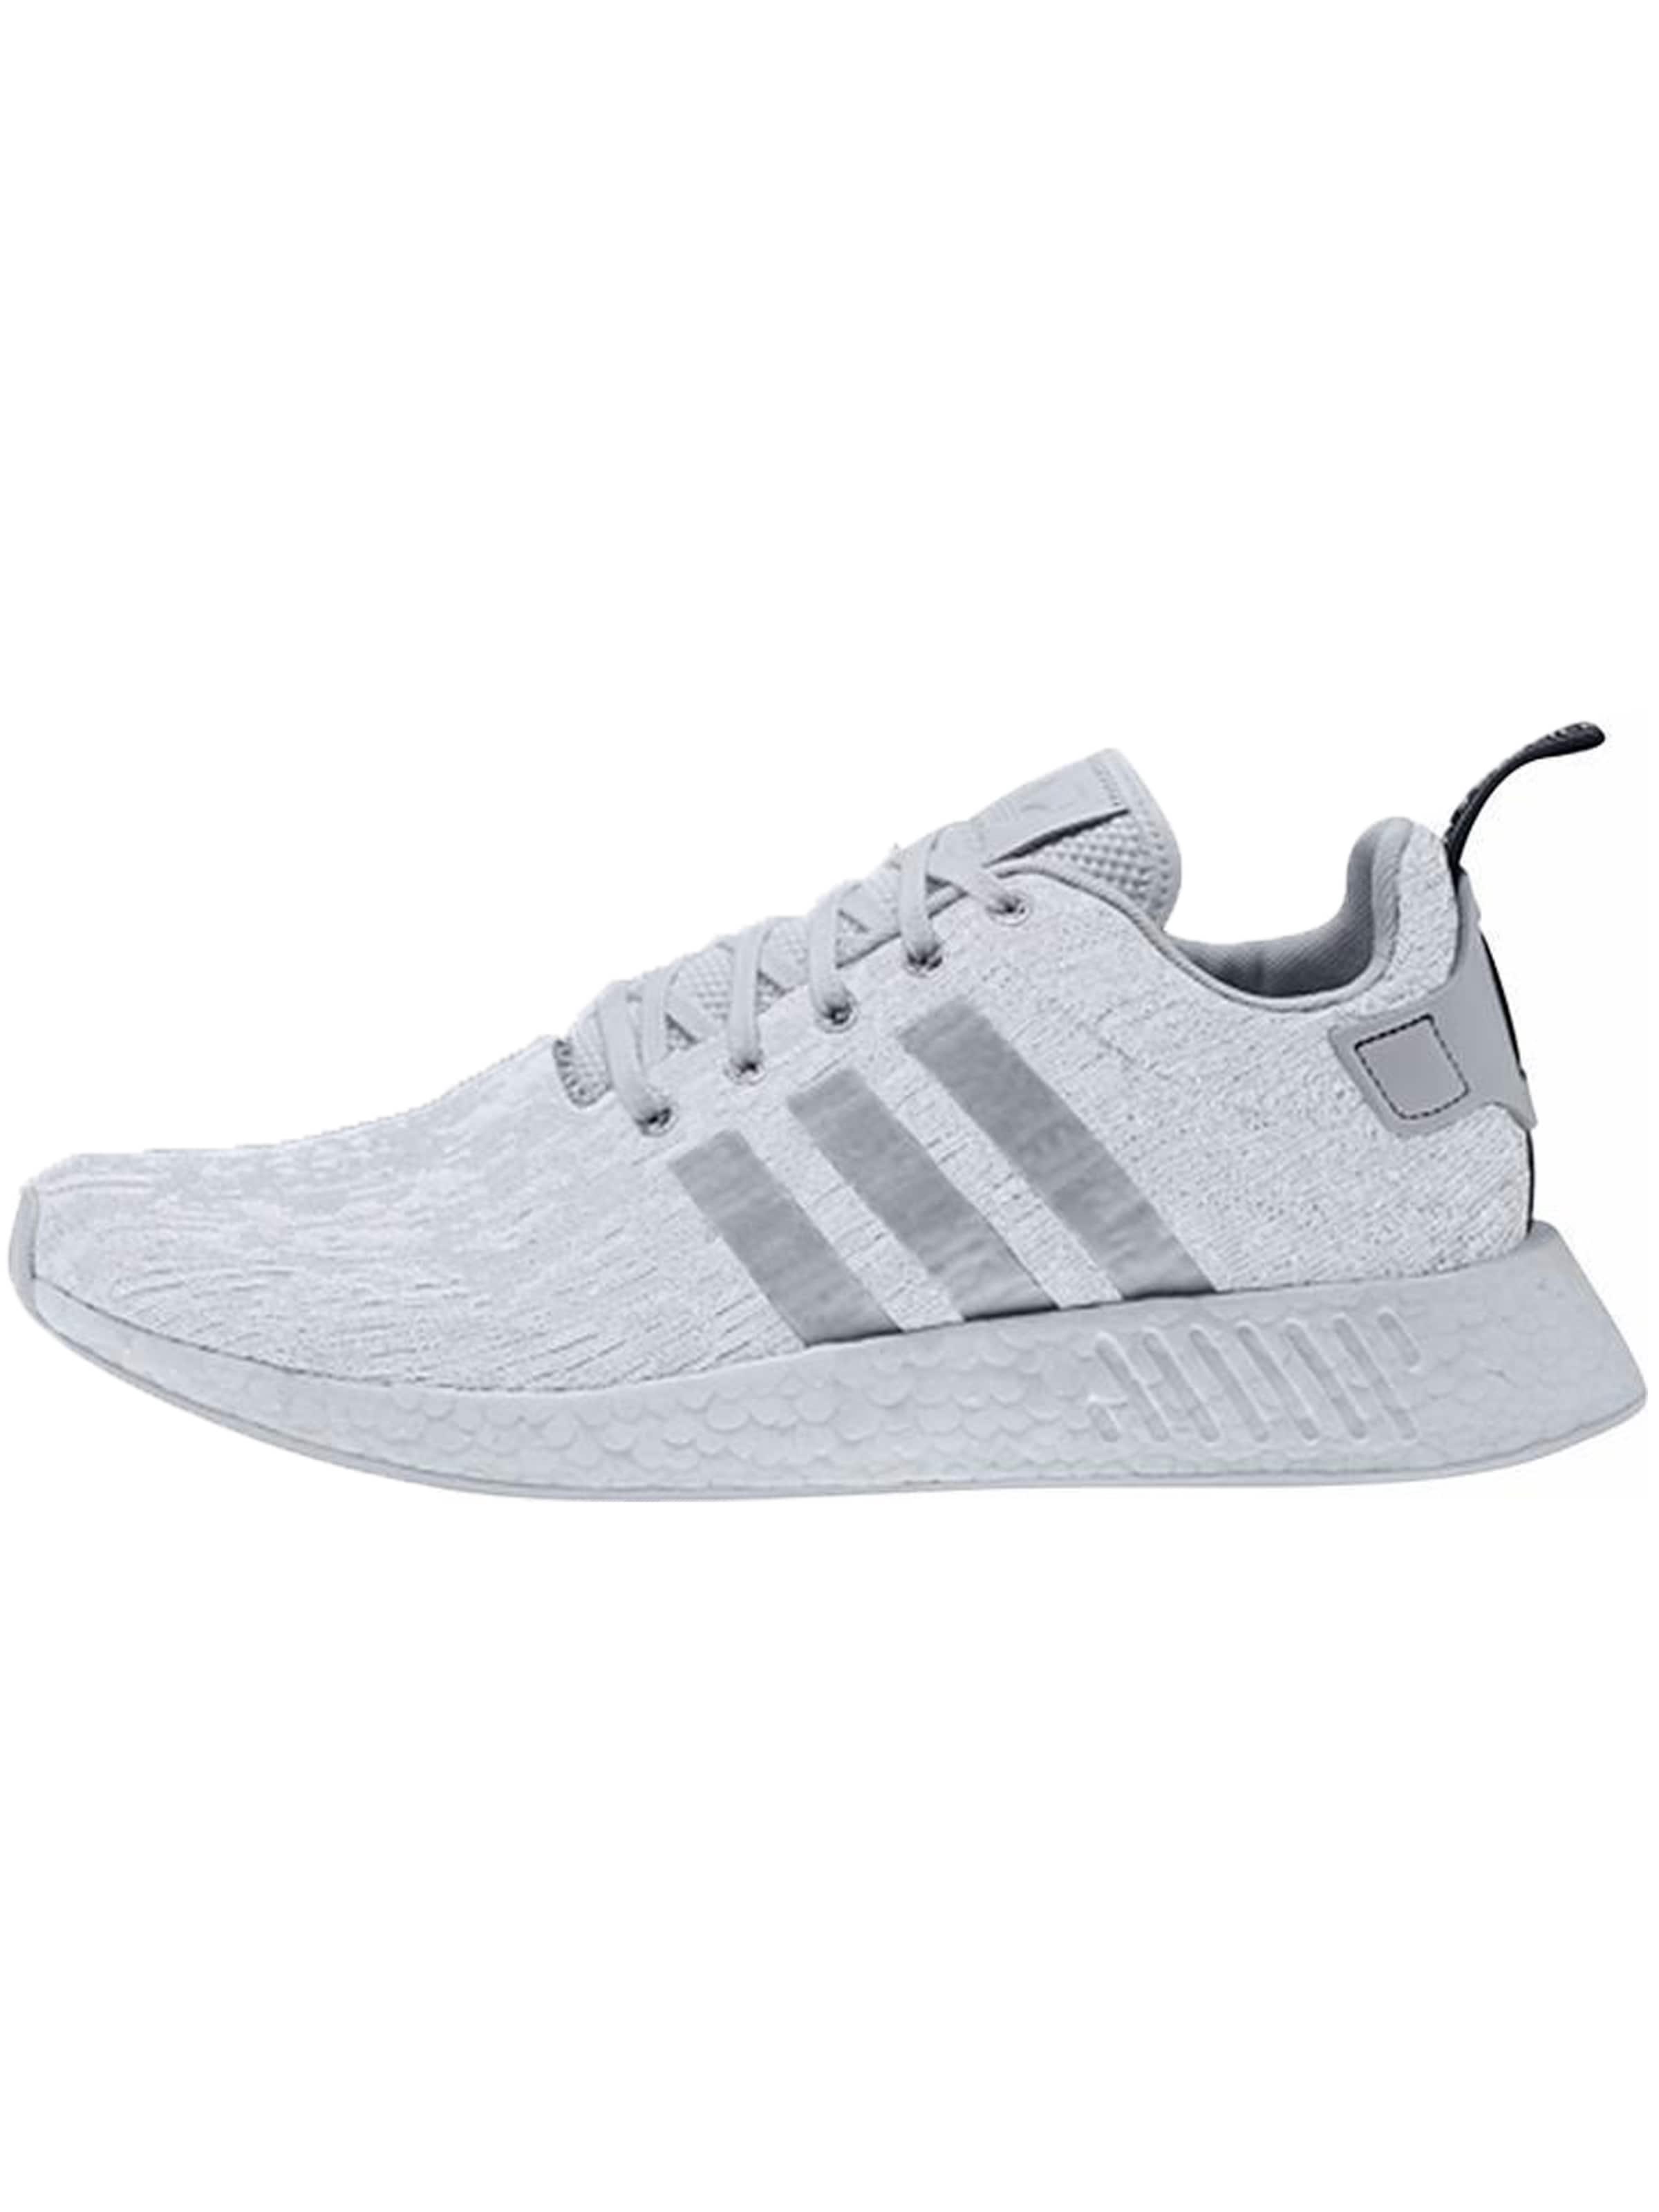 ADIDAS ORIGINALS Sneaker 'NMD_R2' Viele Farben LVrZgY